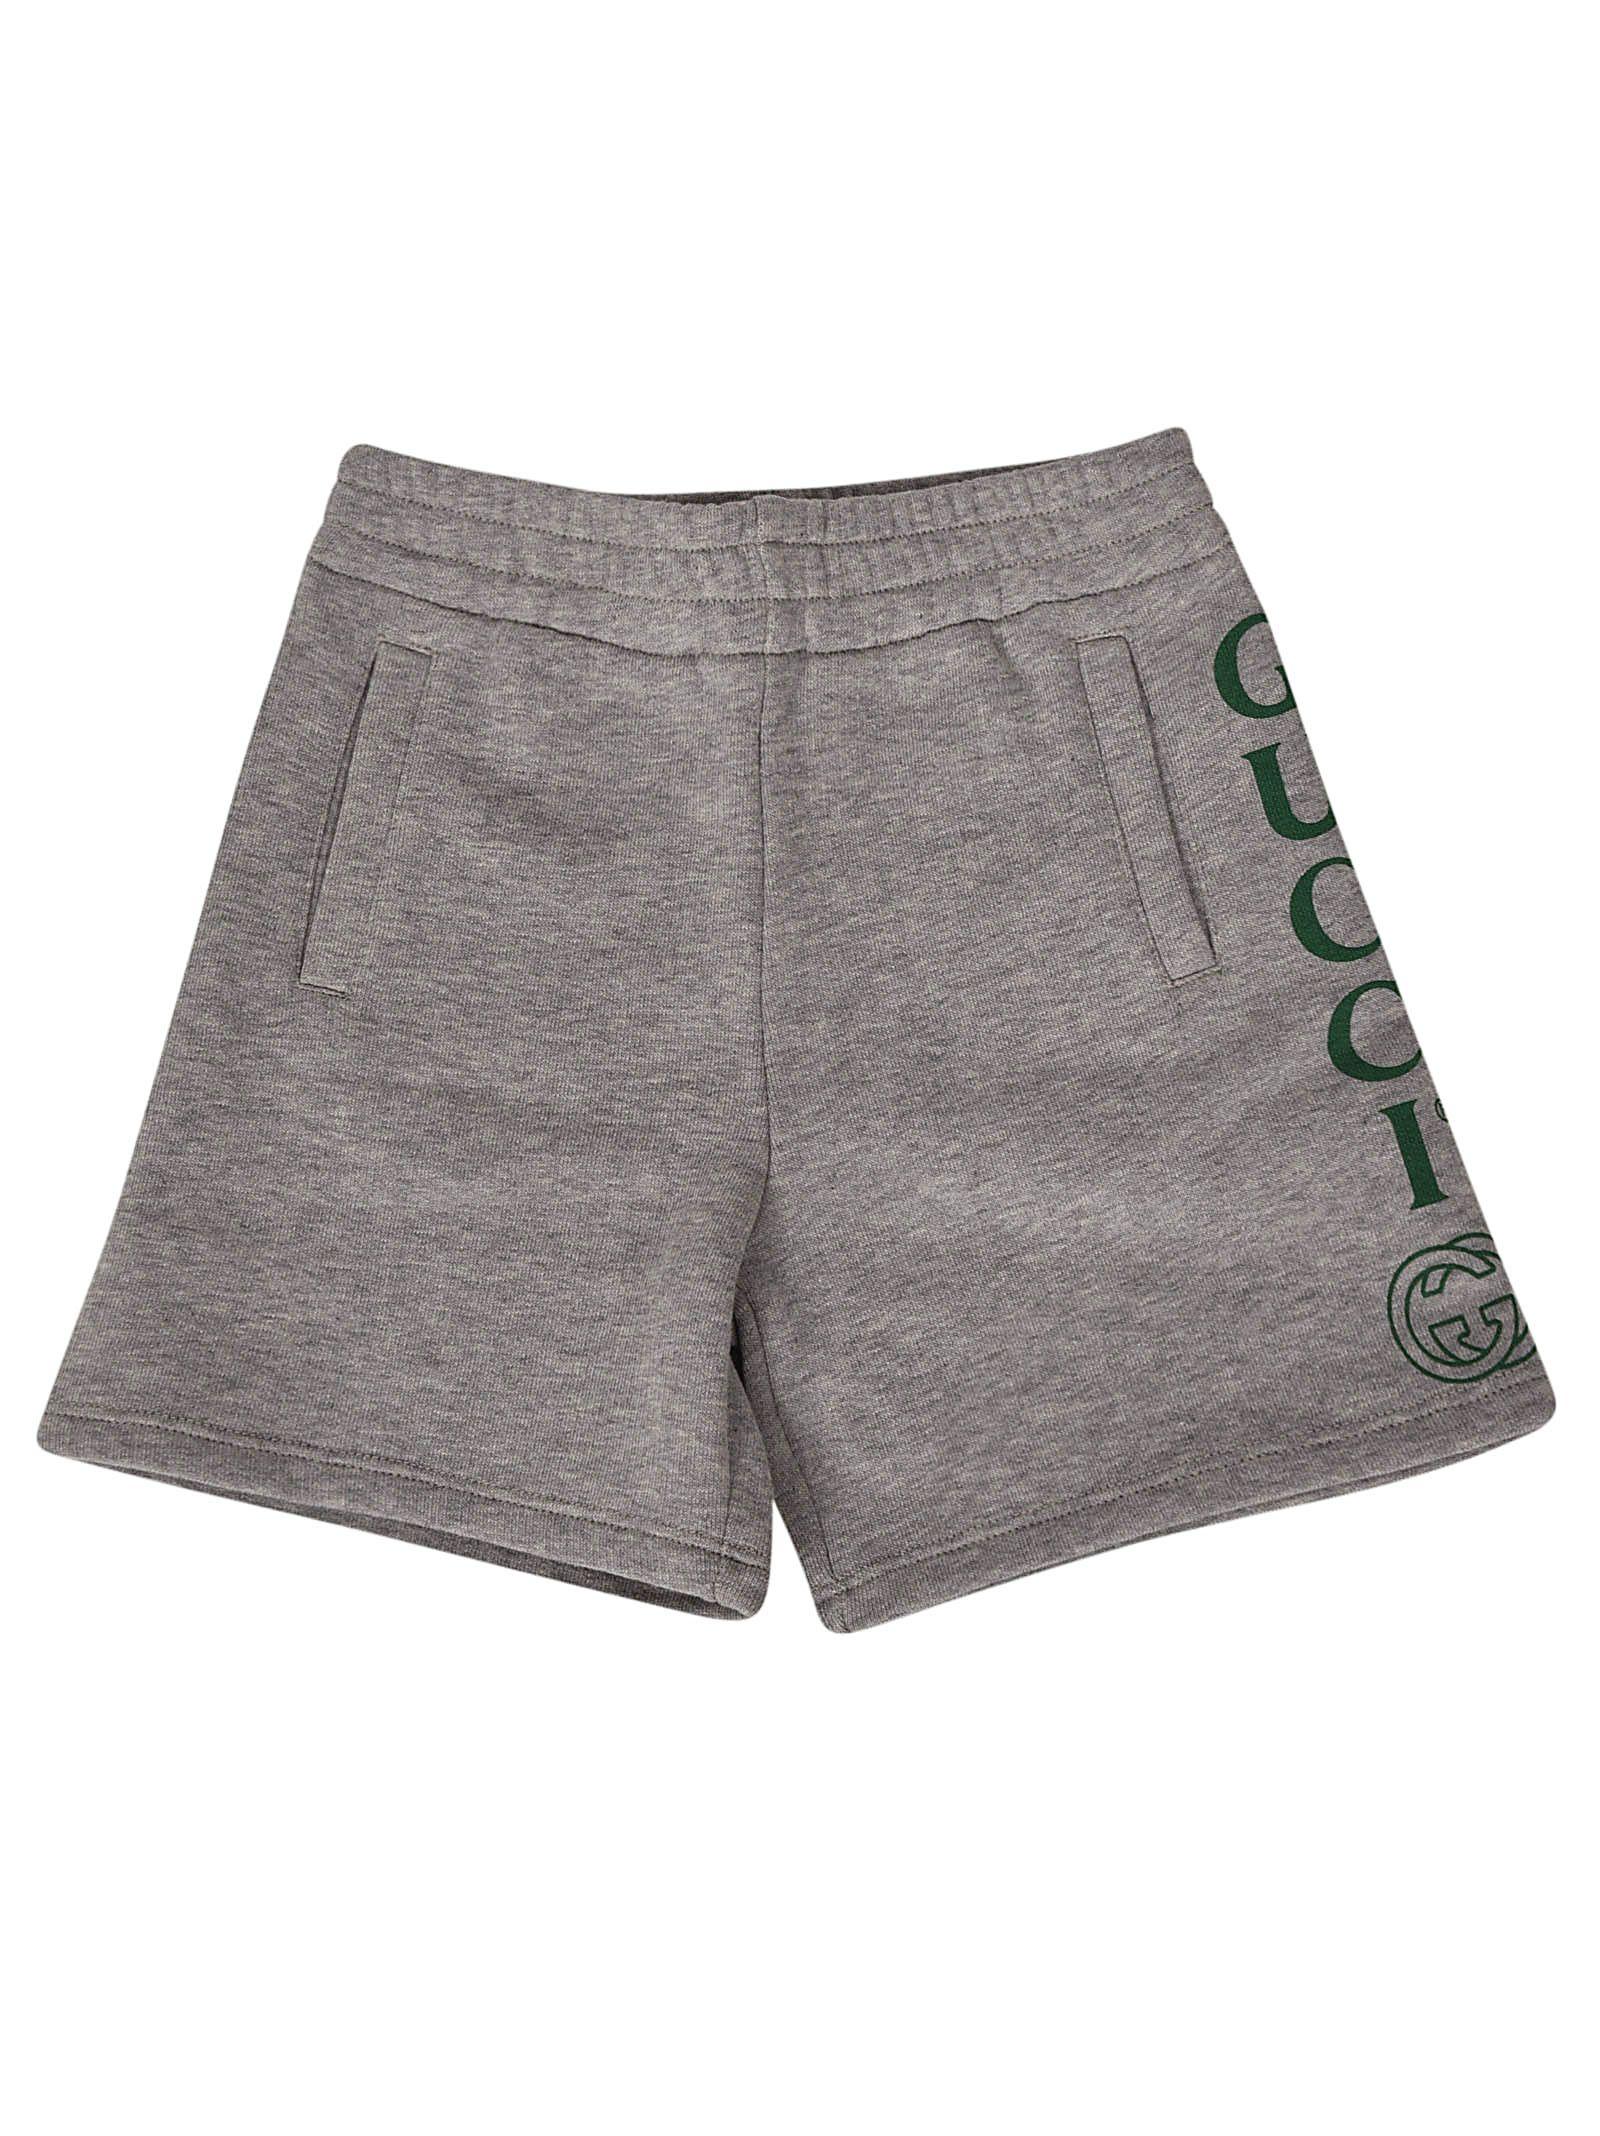 c0ae48164 Gucci Gucci Logo Shorts - Grey - 10913754   italist